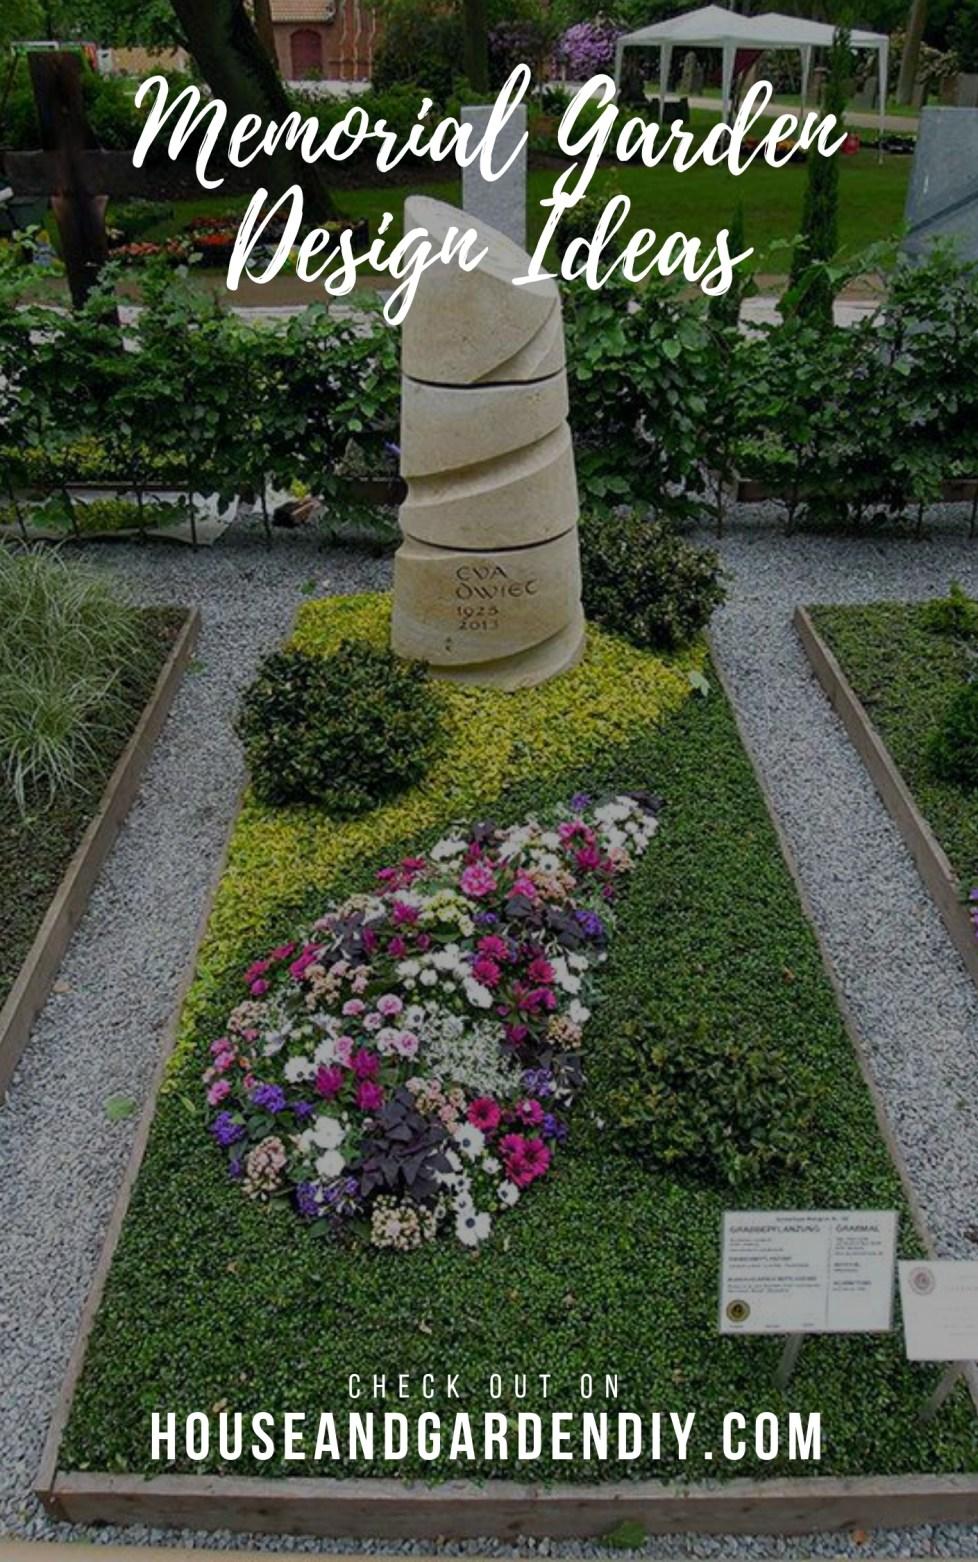 Memorial Garden Design Ideas